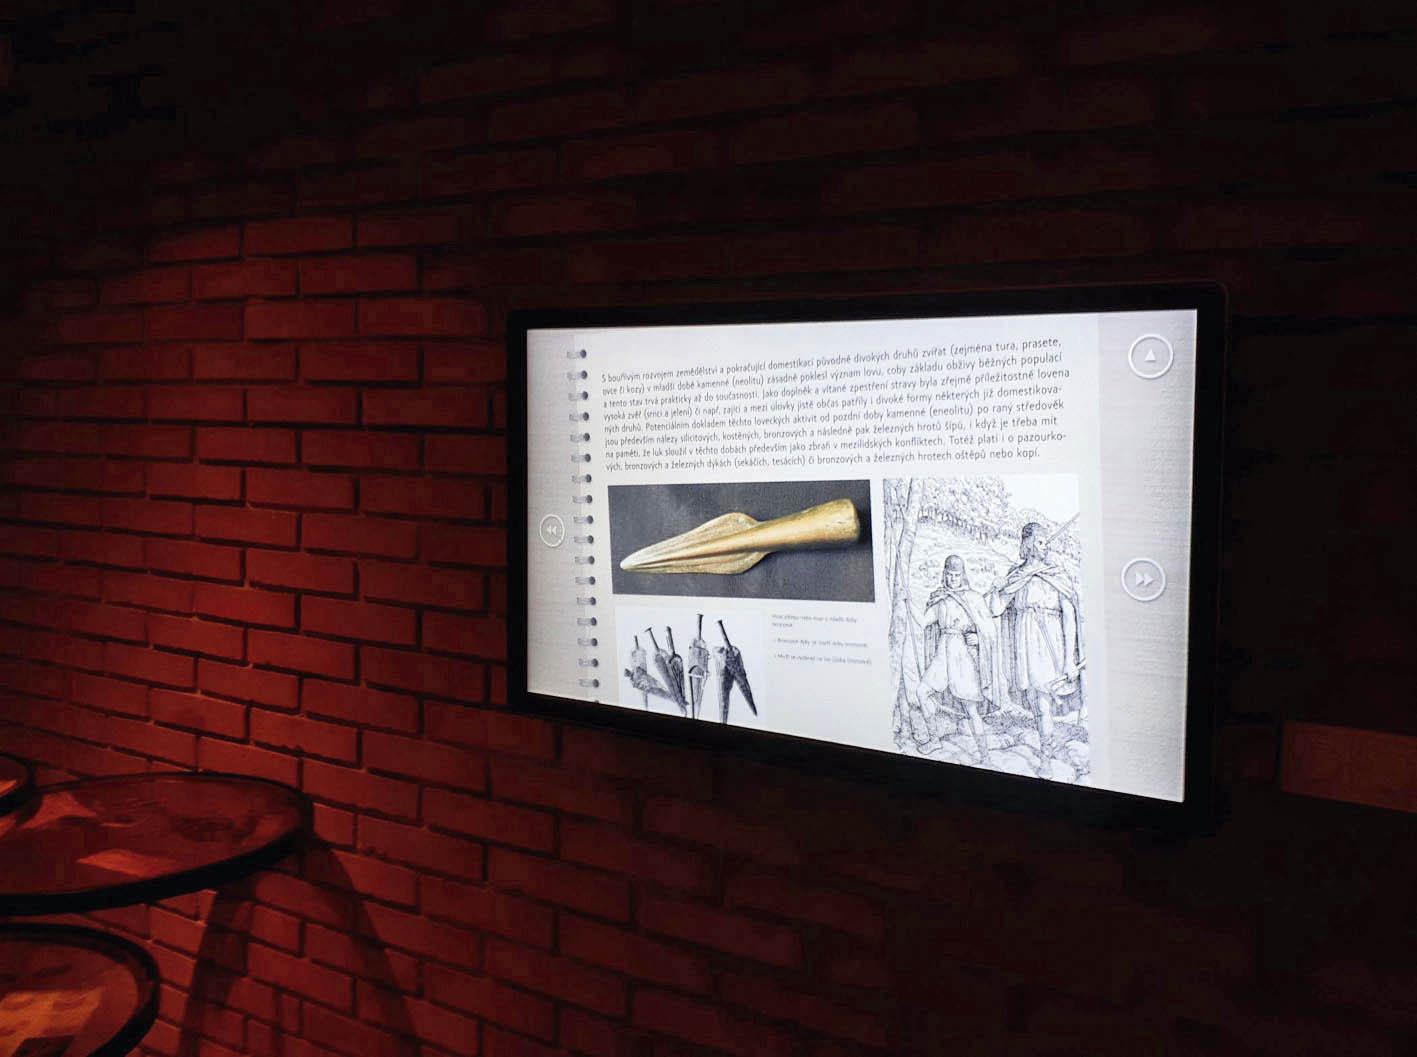 Závist Cave přenese návštěvníky dodob mladší doby kamenné aprovede je životem nedalekého oppida přibližně odroku 5500 přednaším letopočtem aždozničení Germány vprvním století našeho letopočtu.